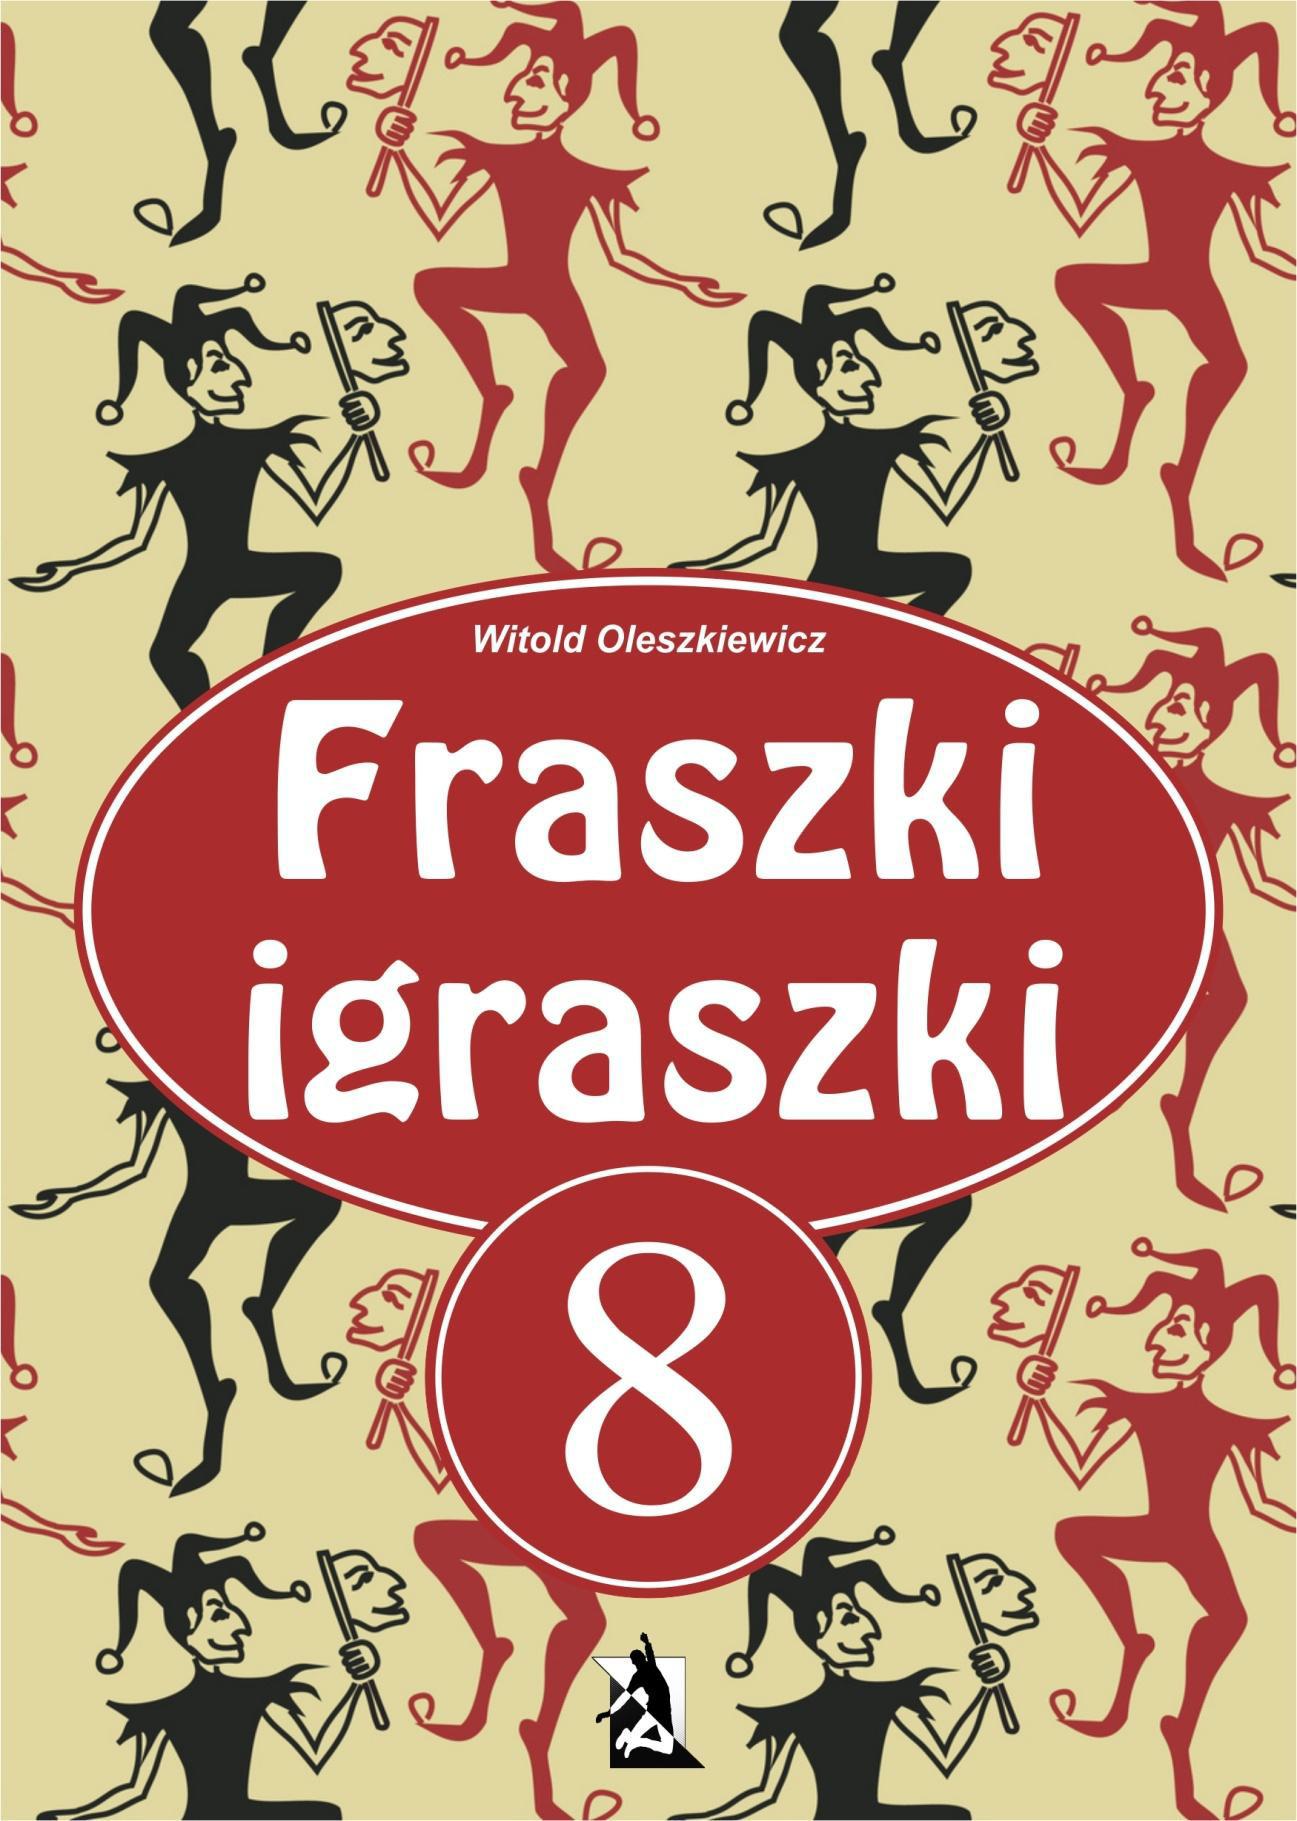 Fraszki igraszki 8